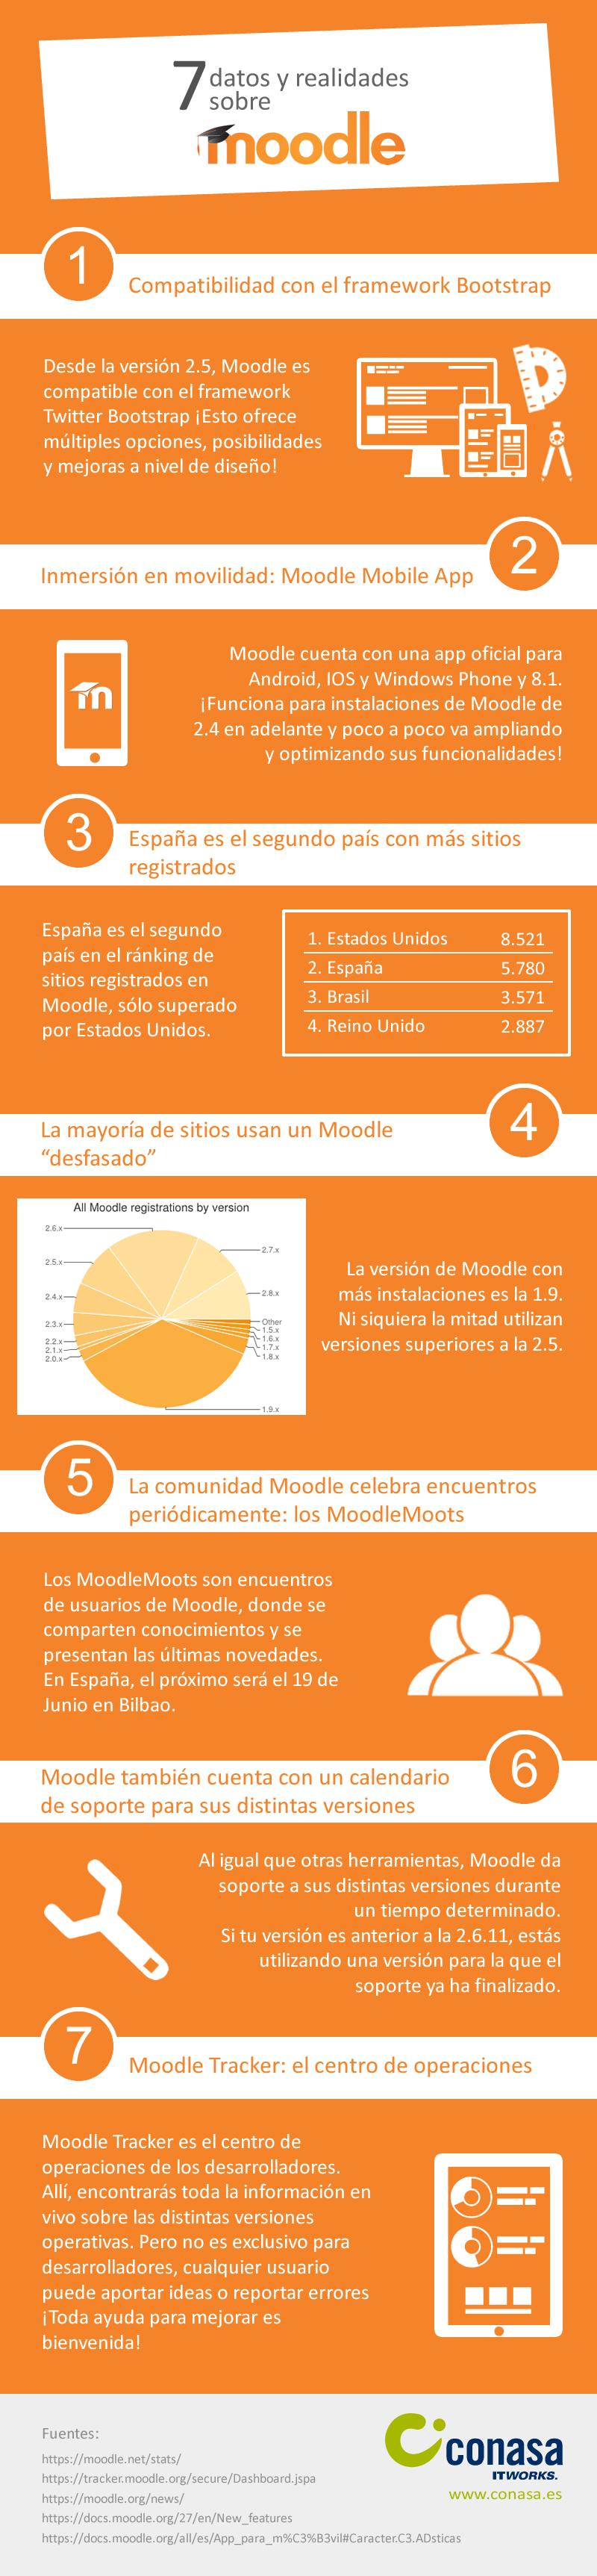 7 datos y realidades sobre Moodle